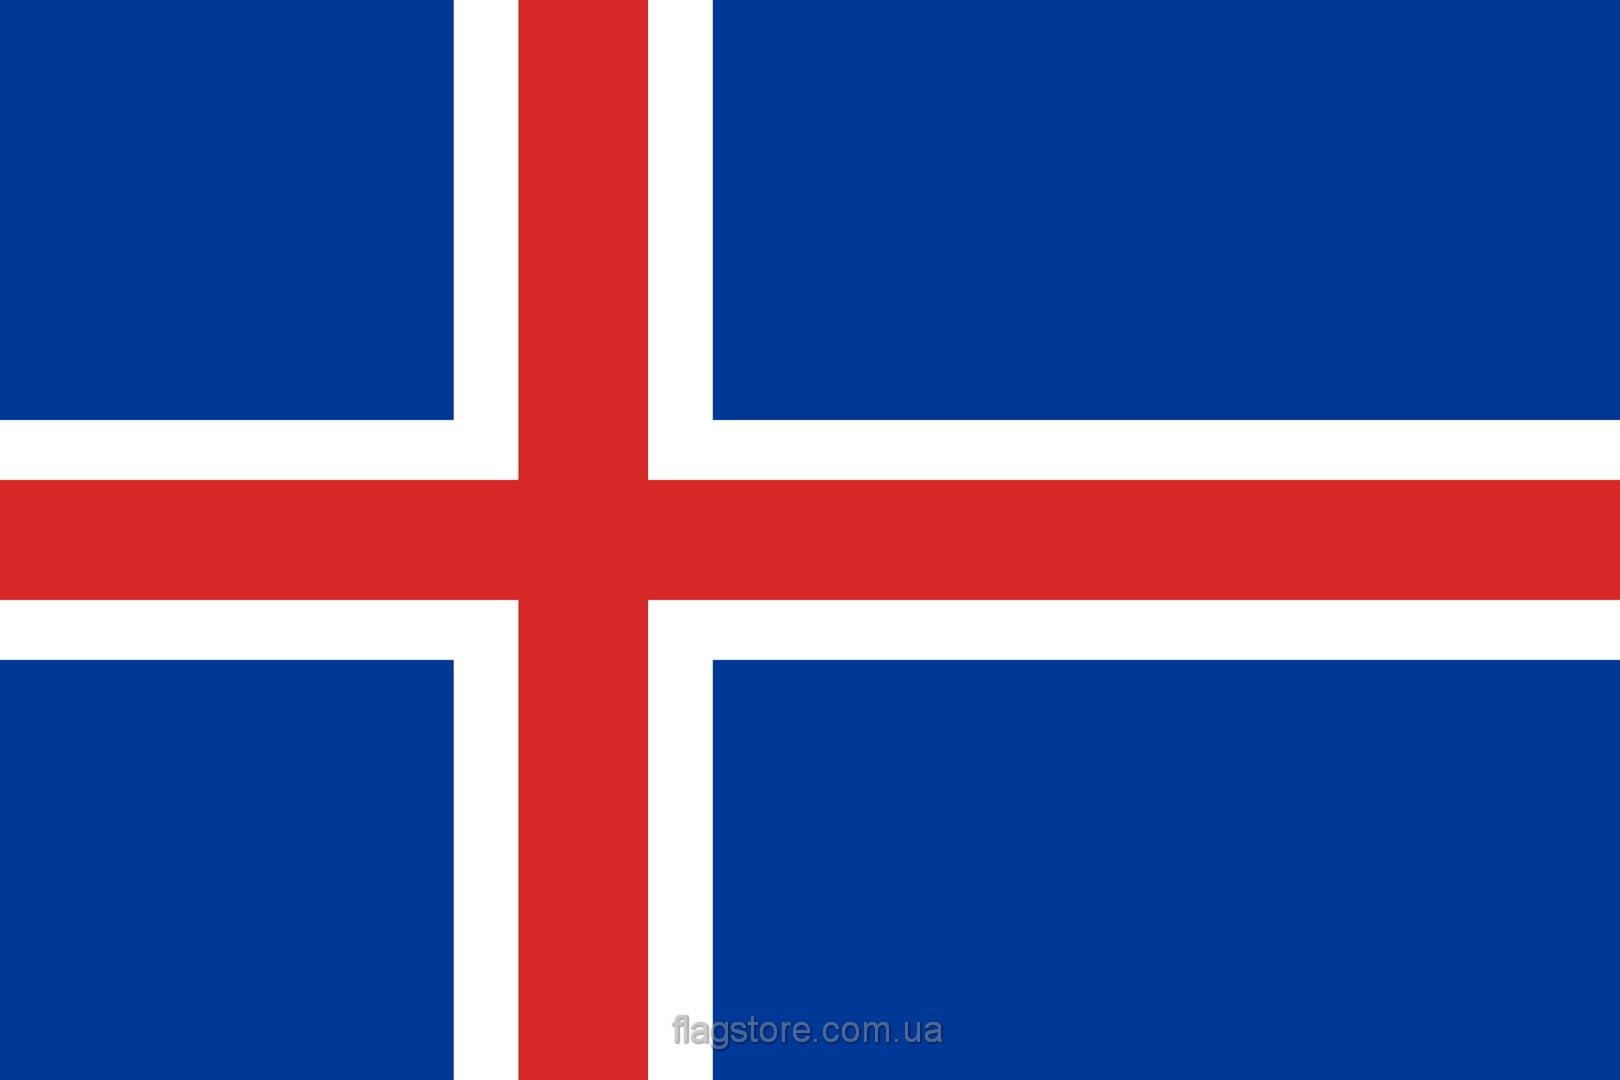 Купить флаг Исландии (страны Исландия)